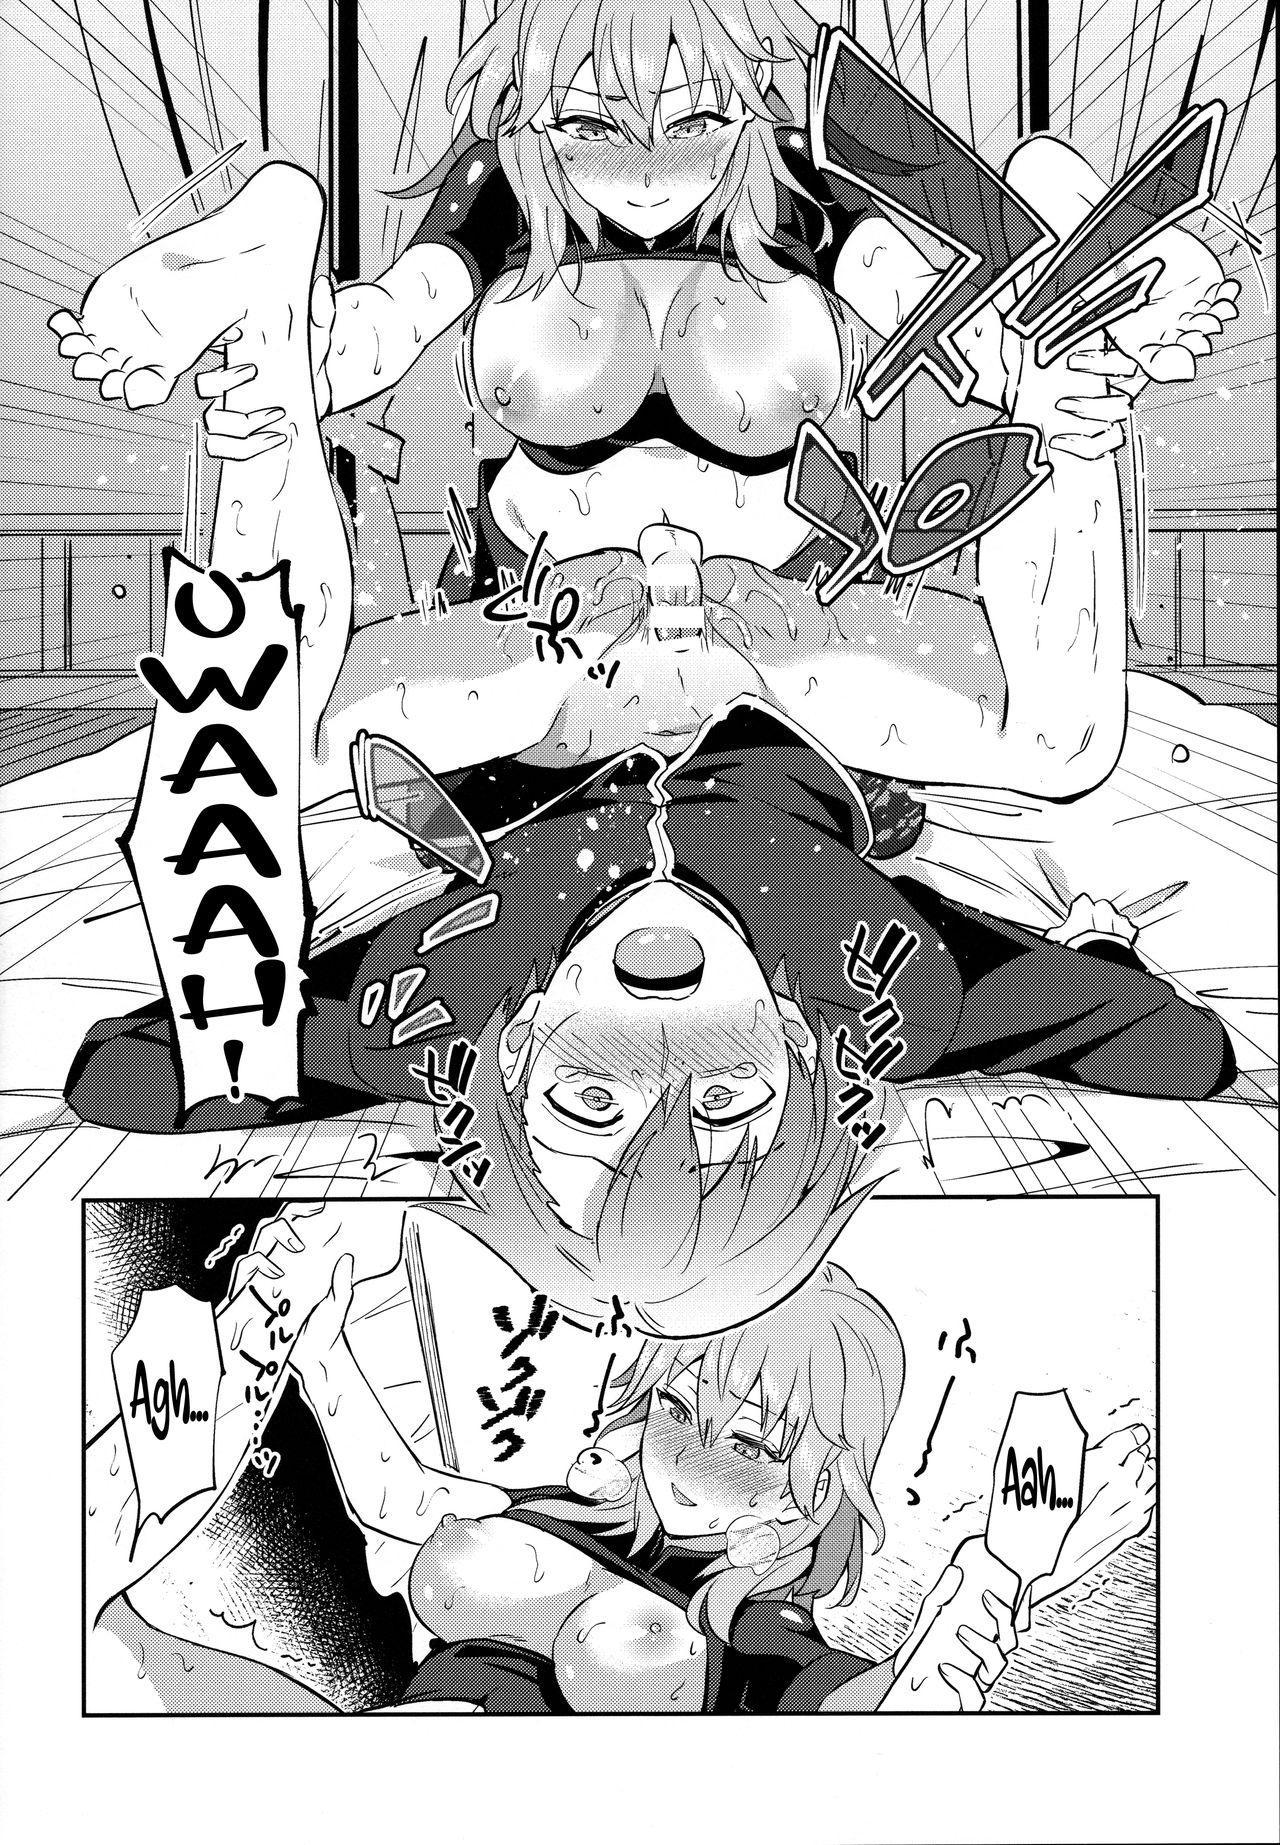 [Usamimi Syndrome (Erutasuku)] Daisuki na Sensei o Oyome-san ni Shita Hazu ga Boku ga Oyome-san ni Sareru nante!? (Fire Emblem: Three Houses) [English] {Hennojin} 23